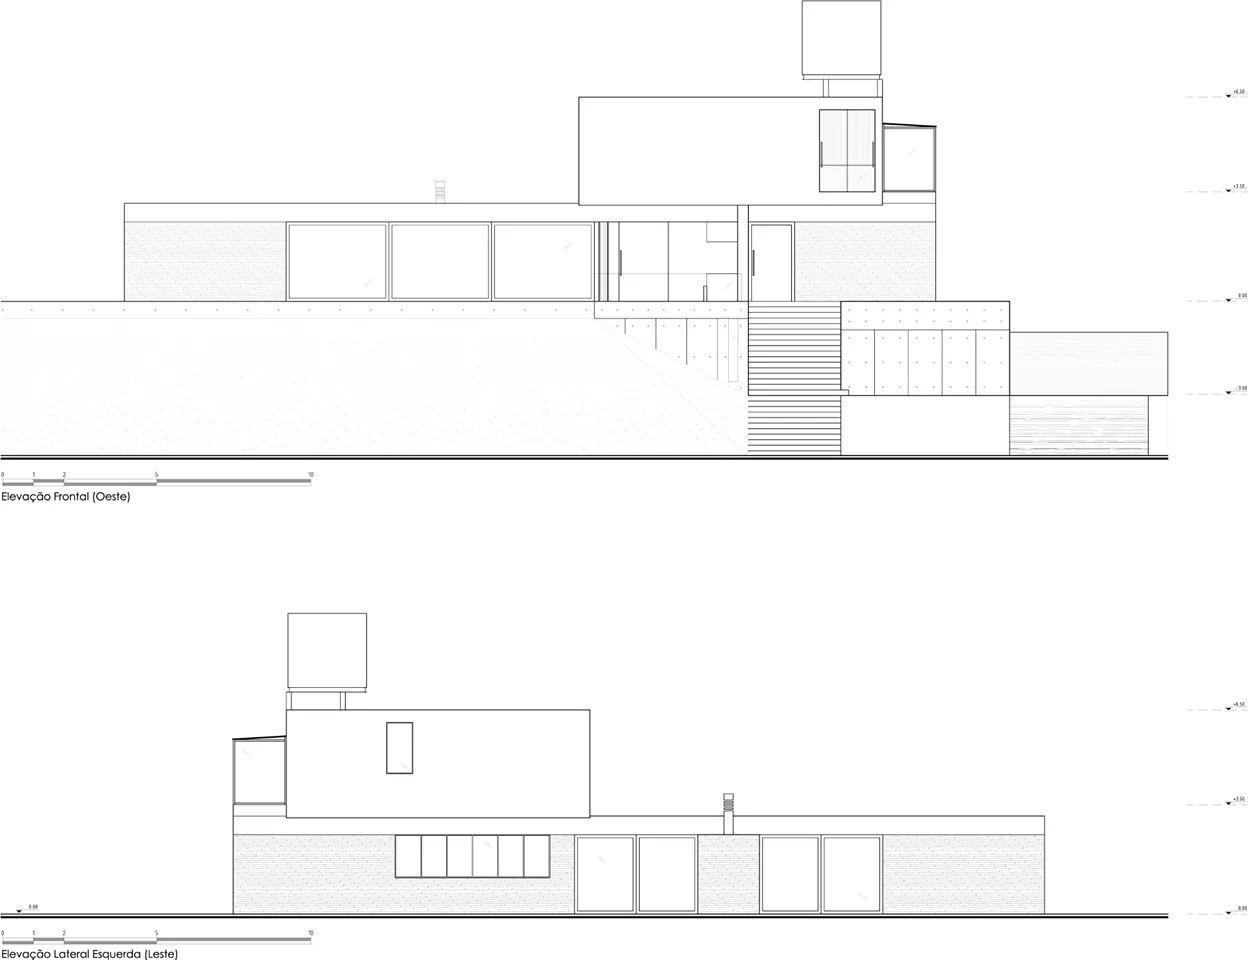 Bản vẽ thiết kế của Villa kết cấu thép - Ảnh 5